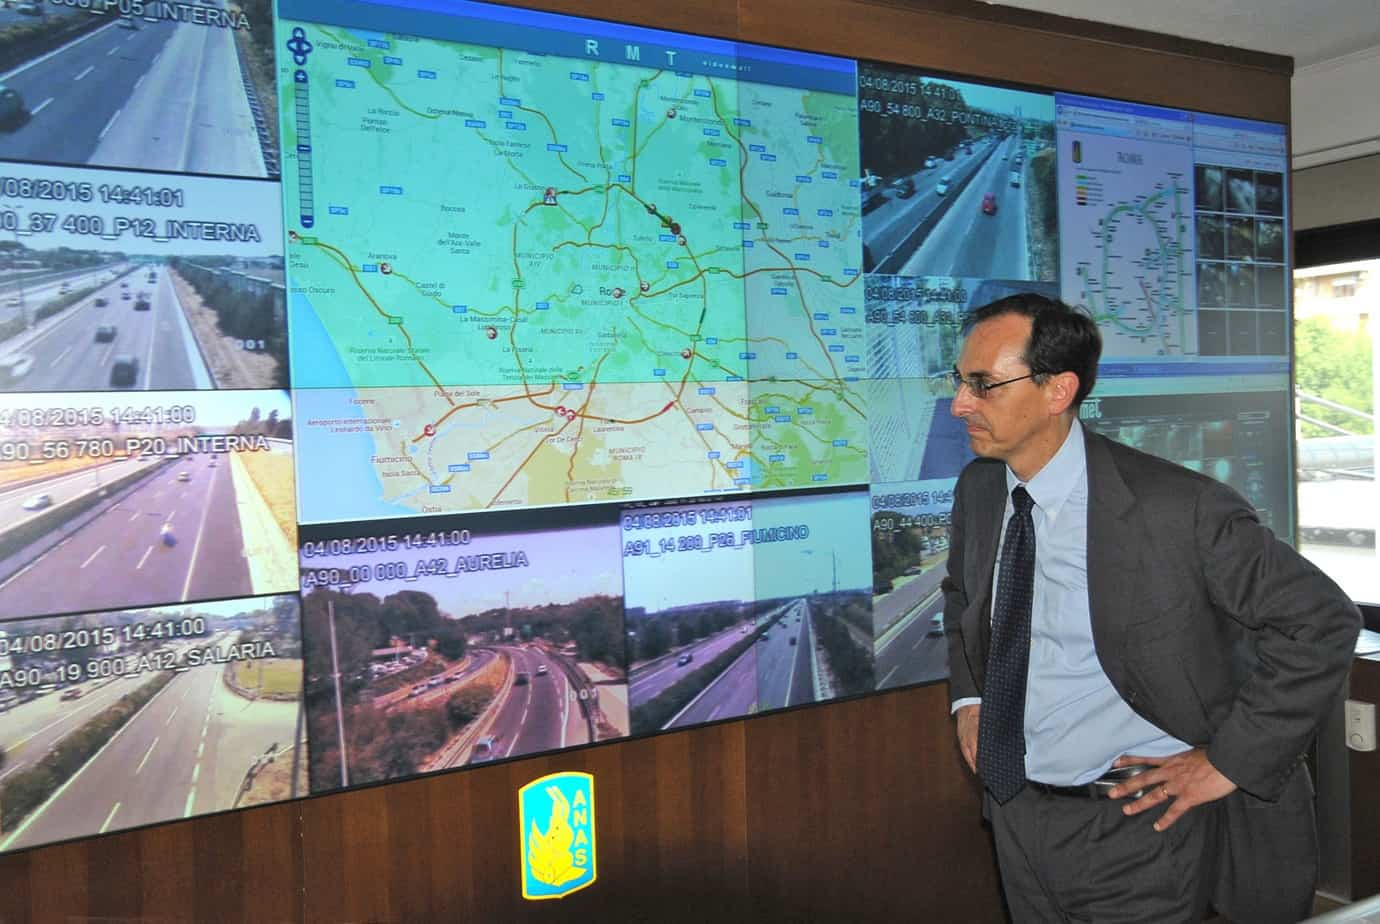 L'Ing. Gianni Vittorio Armani presso la sala controllo del traffico della città di Roma